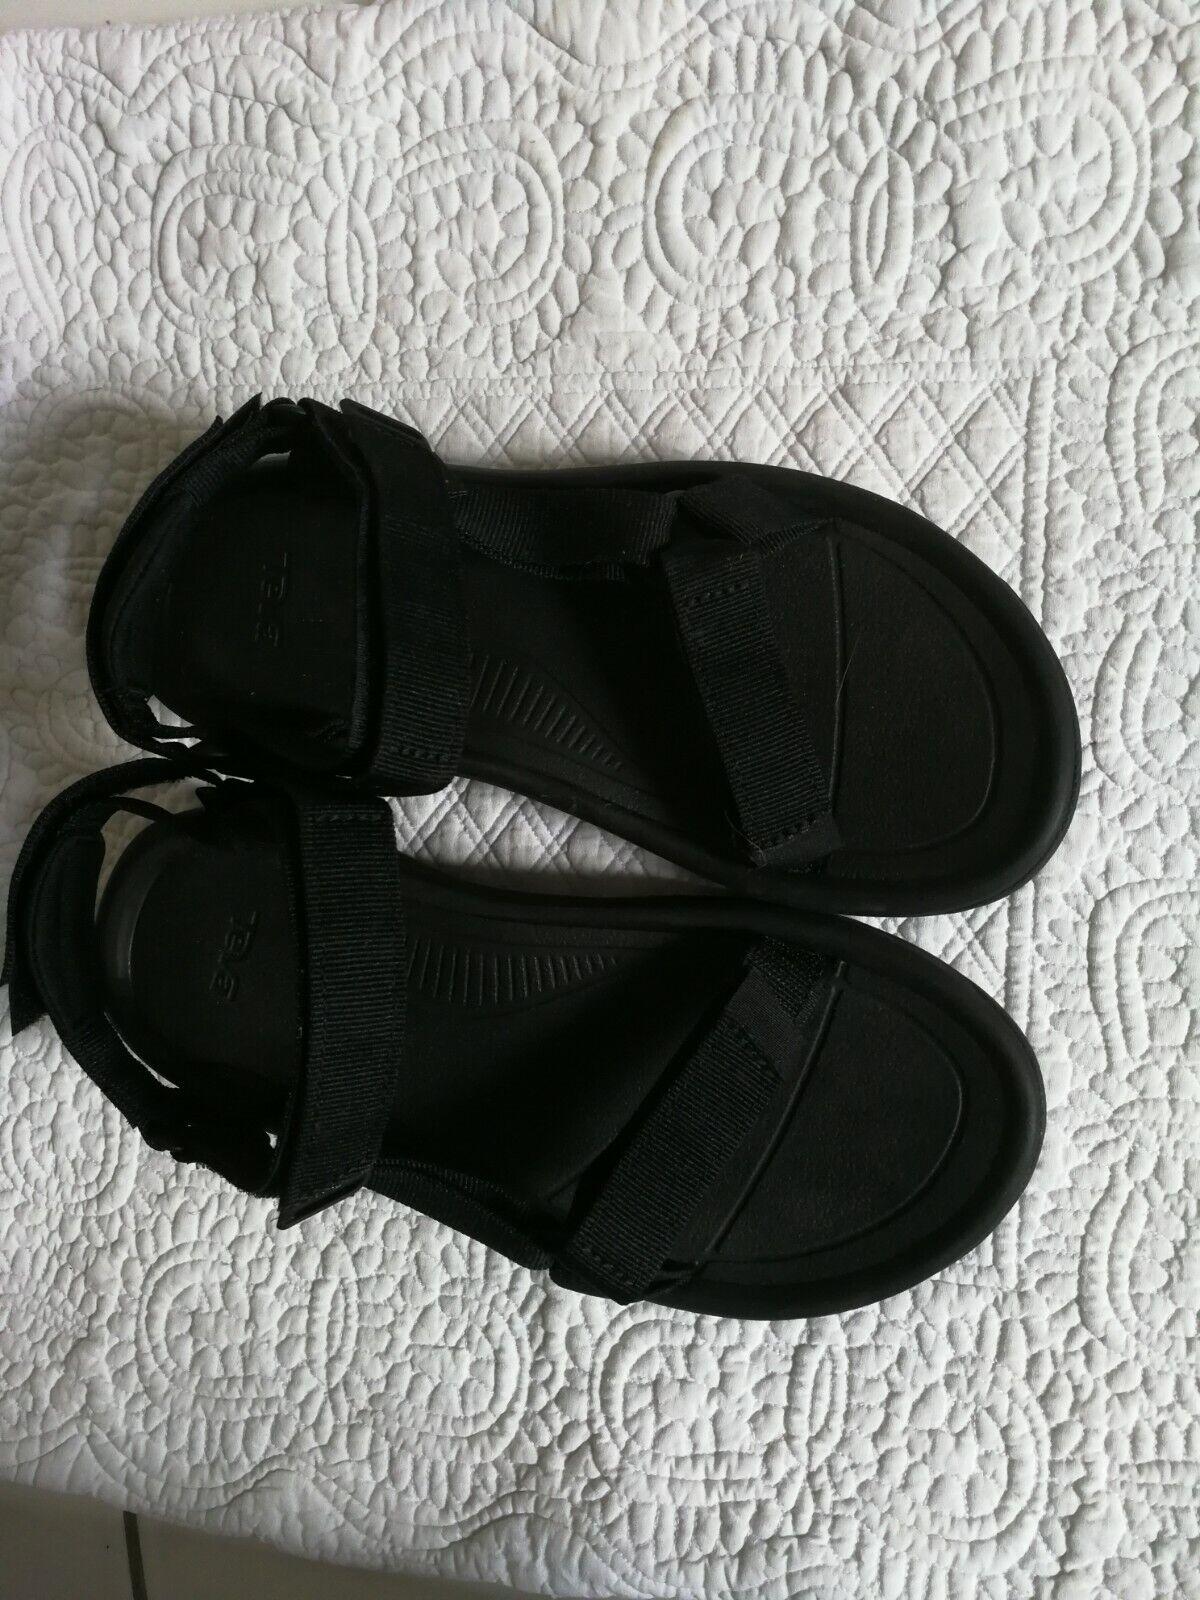 Teva Damen Trekkingsandalen Outdoor Sandalen schwarz neuwertig Gr.39